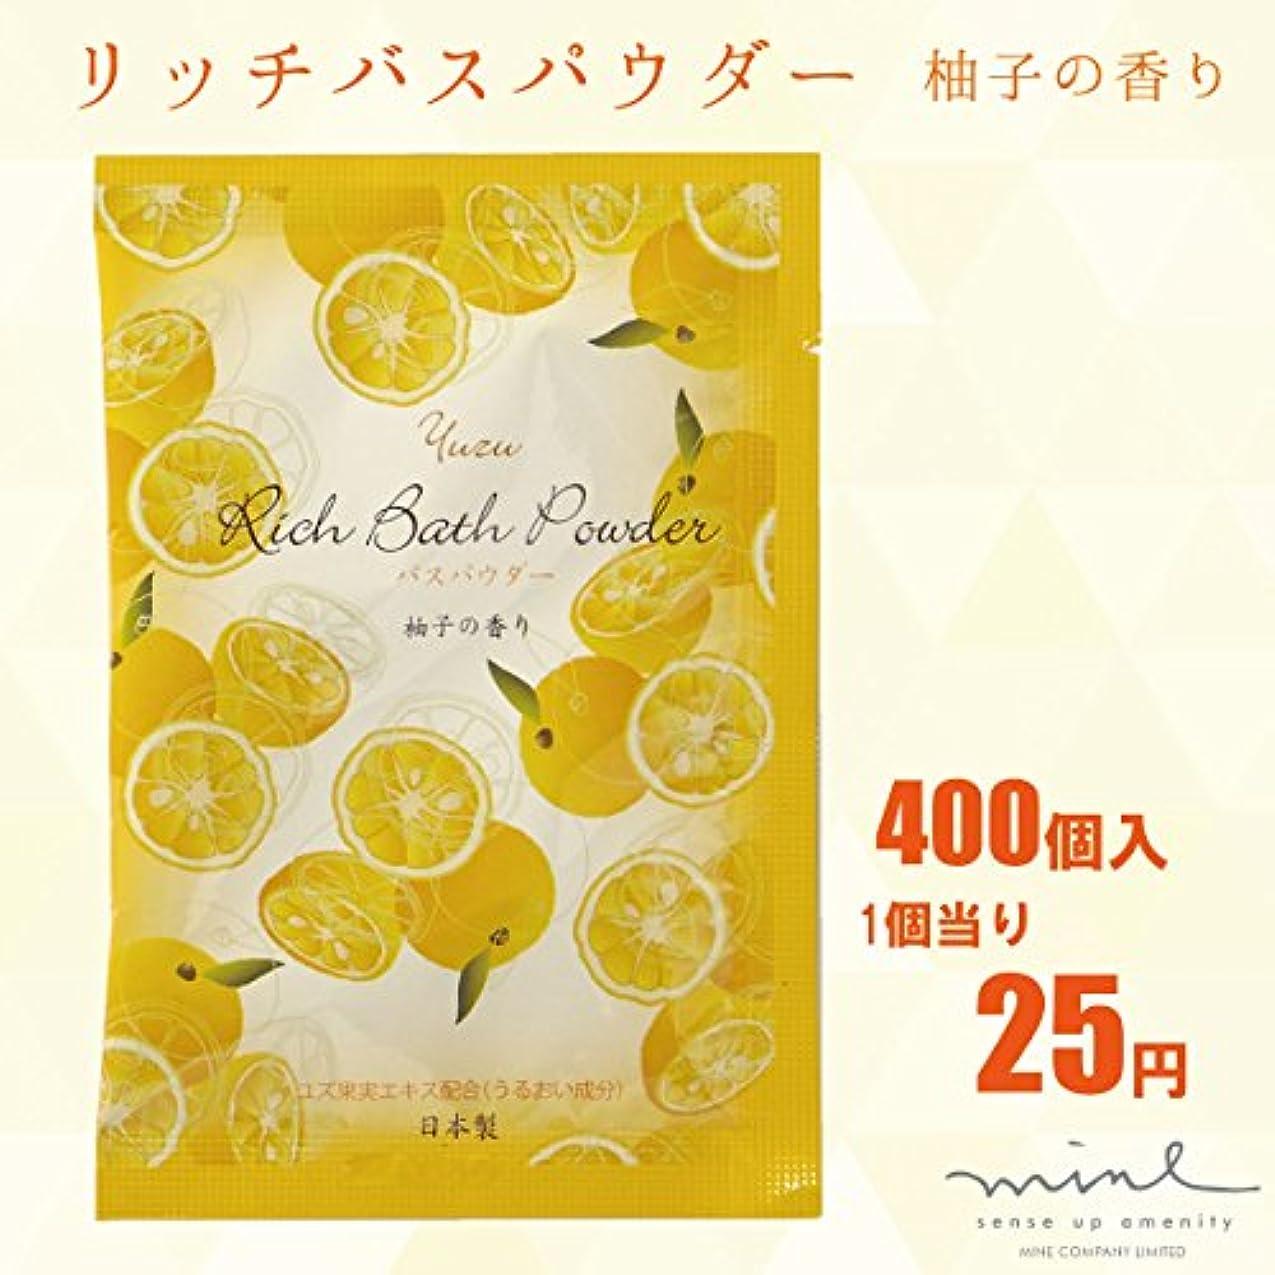 ベンチャー荒らすリッチバスパウダー20g 柚子の香り × 400個